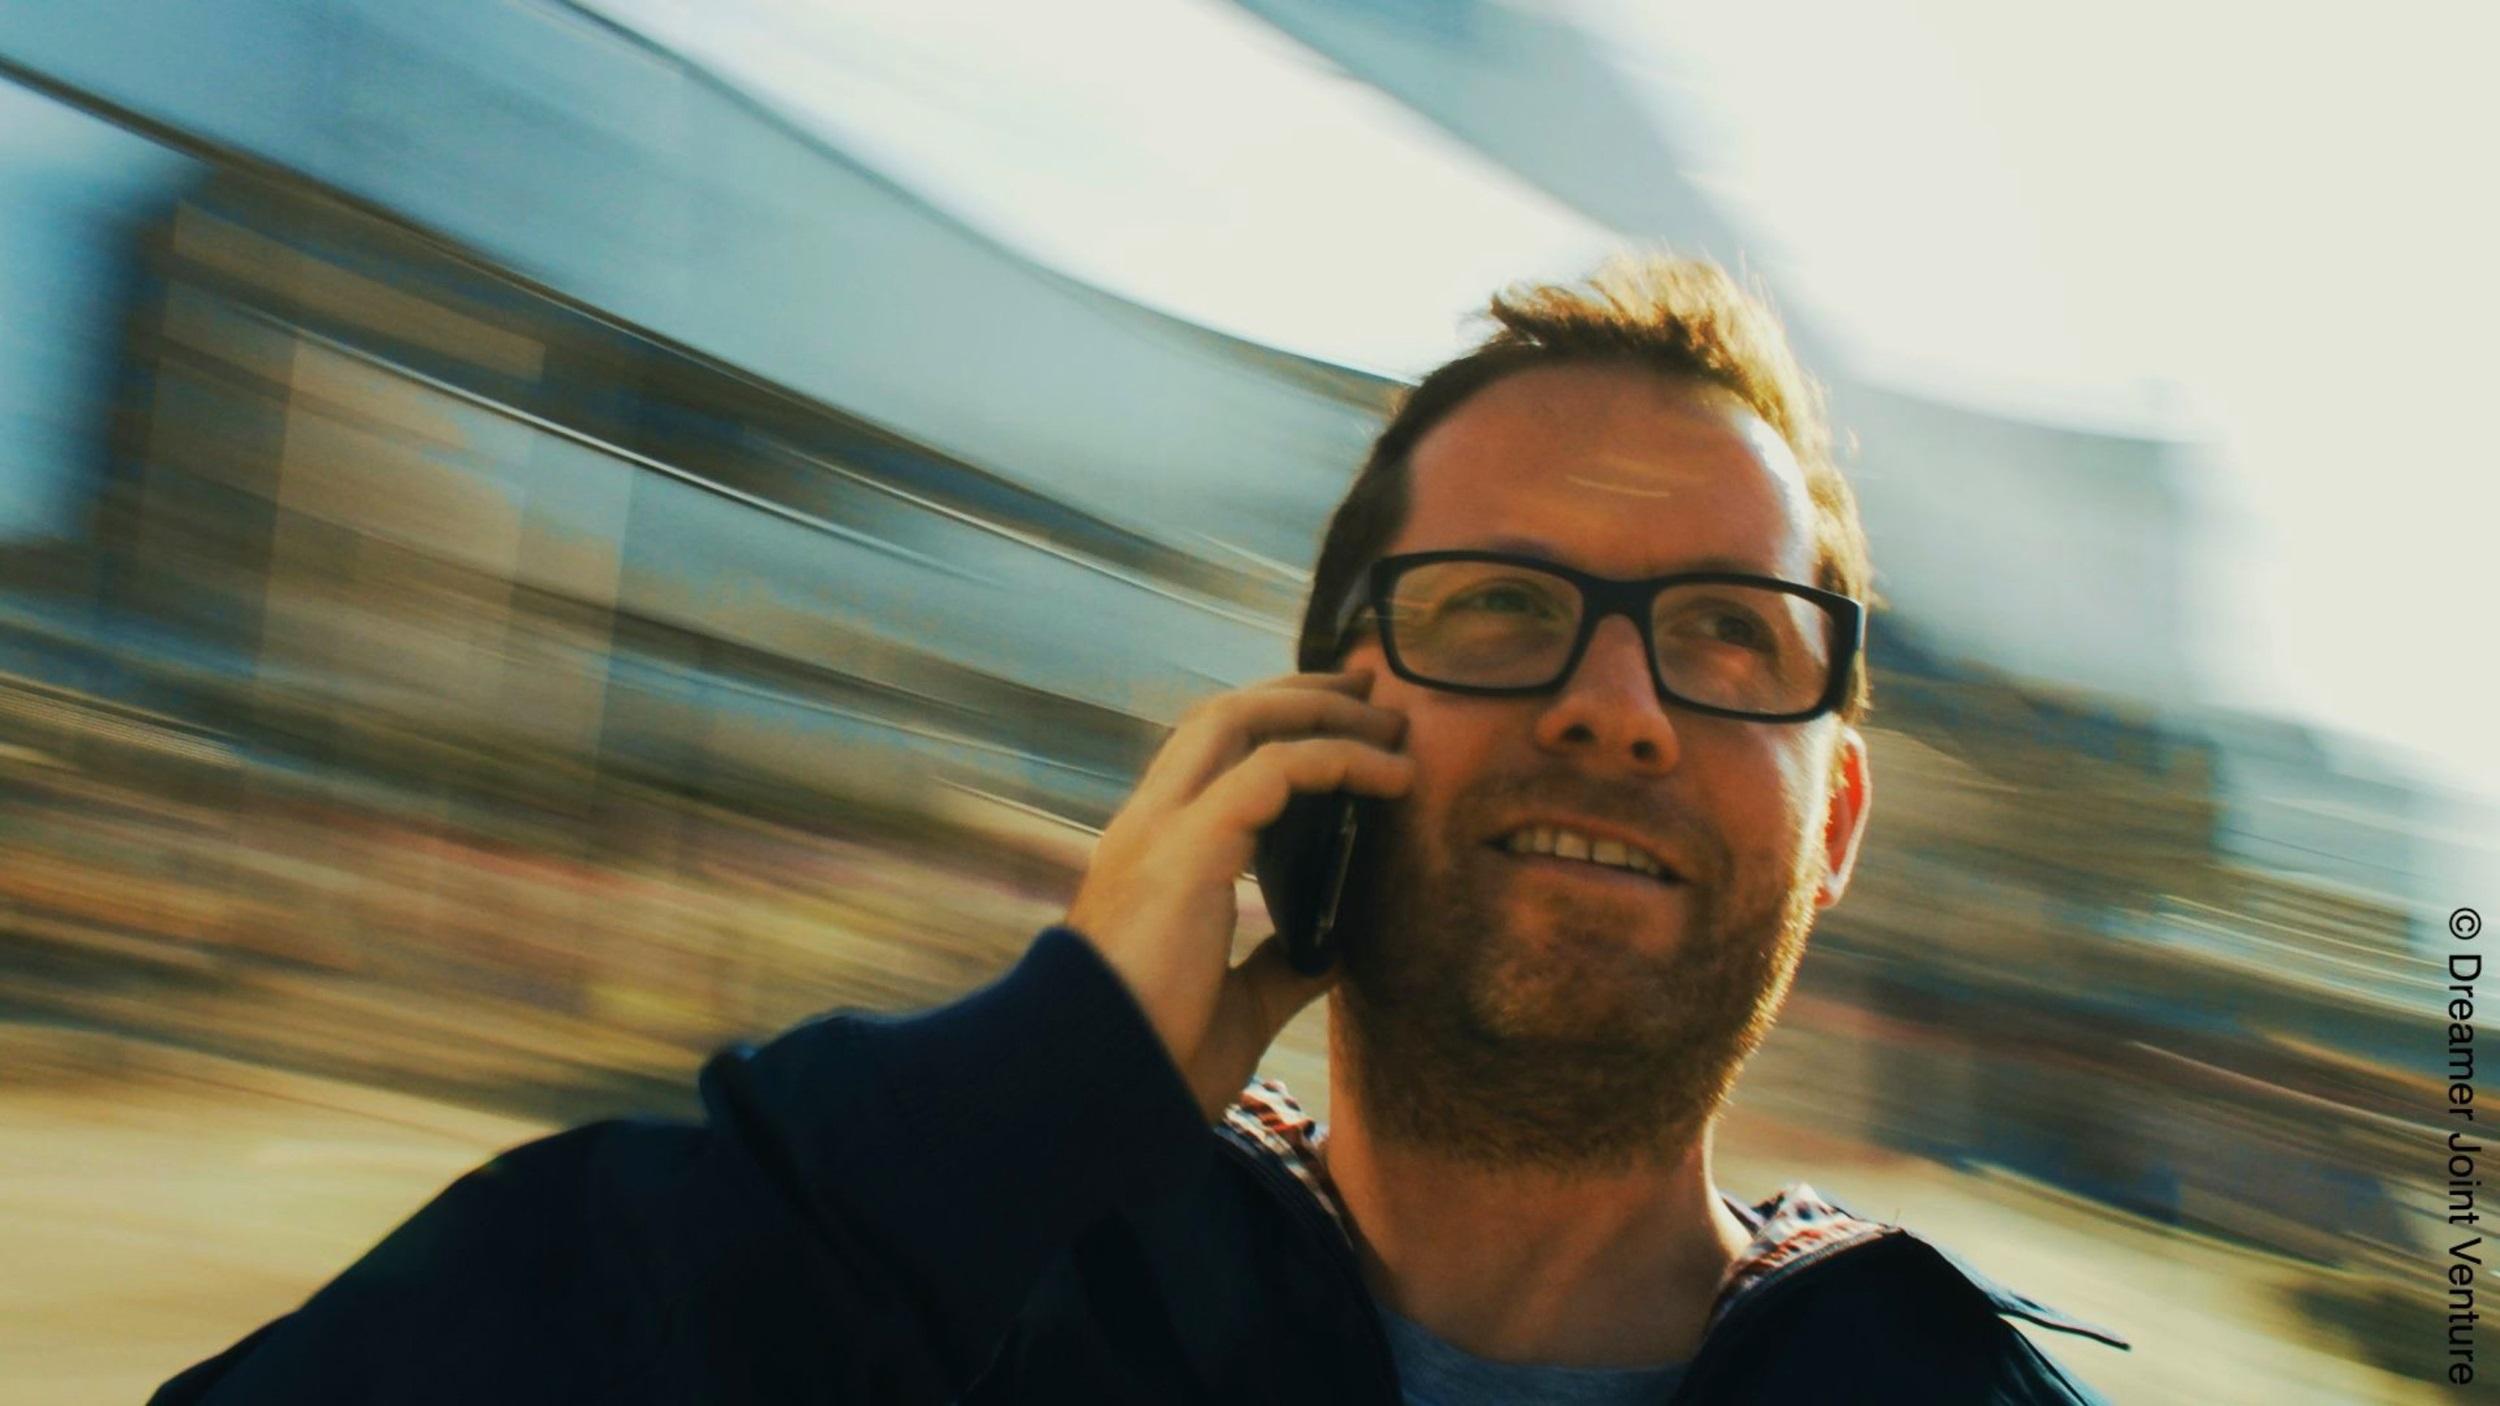 Speed auf der Suche nach der verlorenen Zeit Florian Opitz